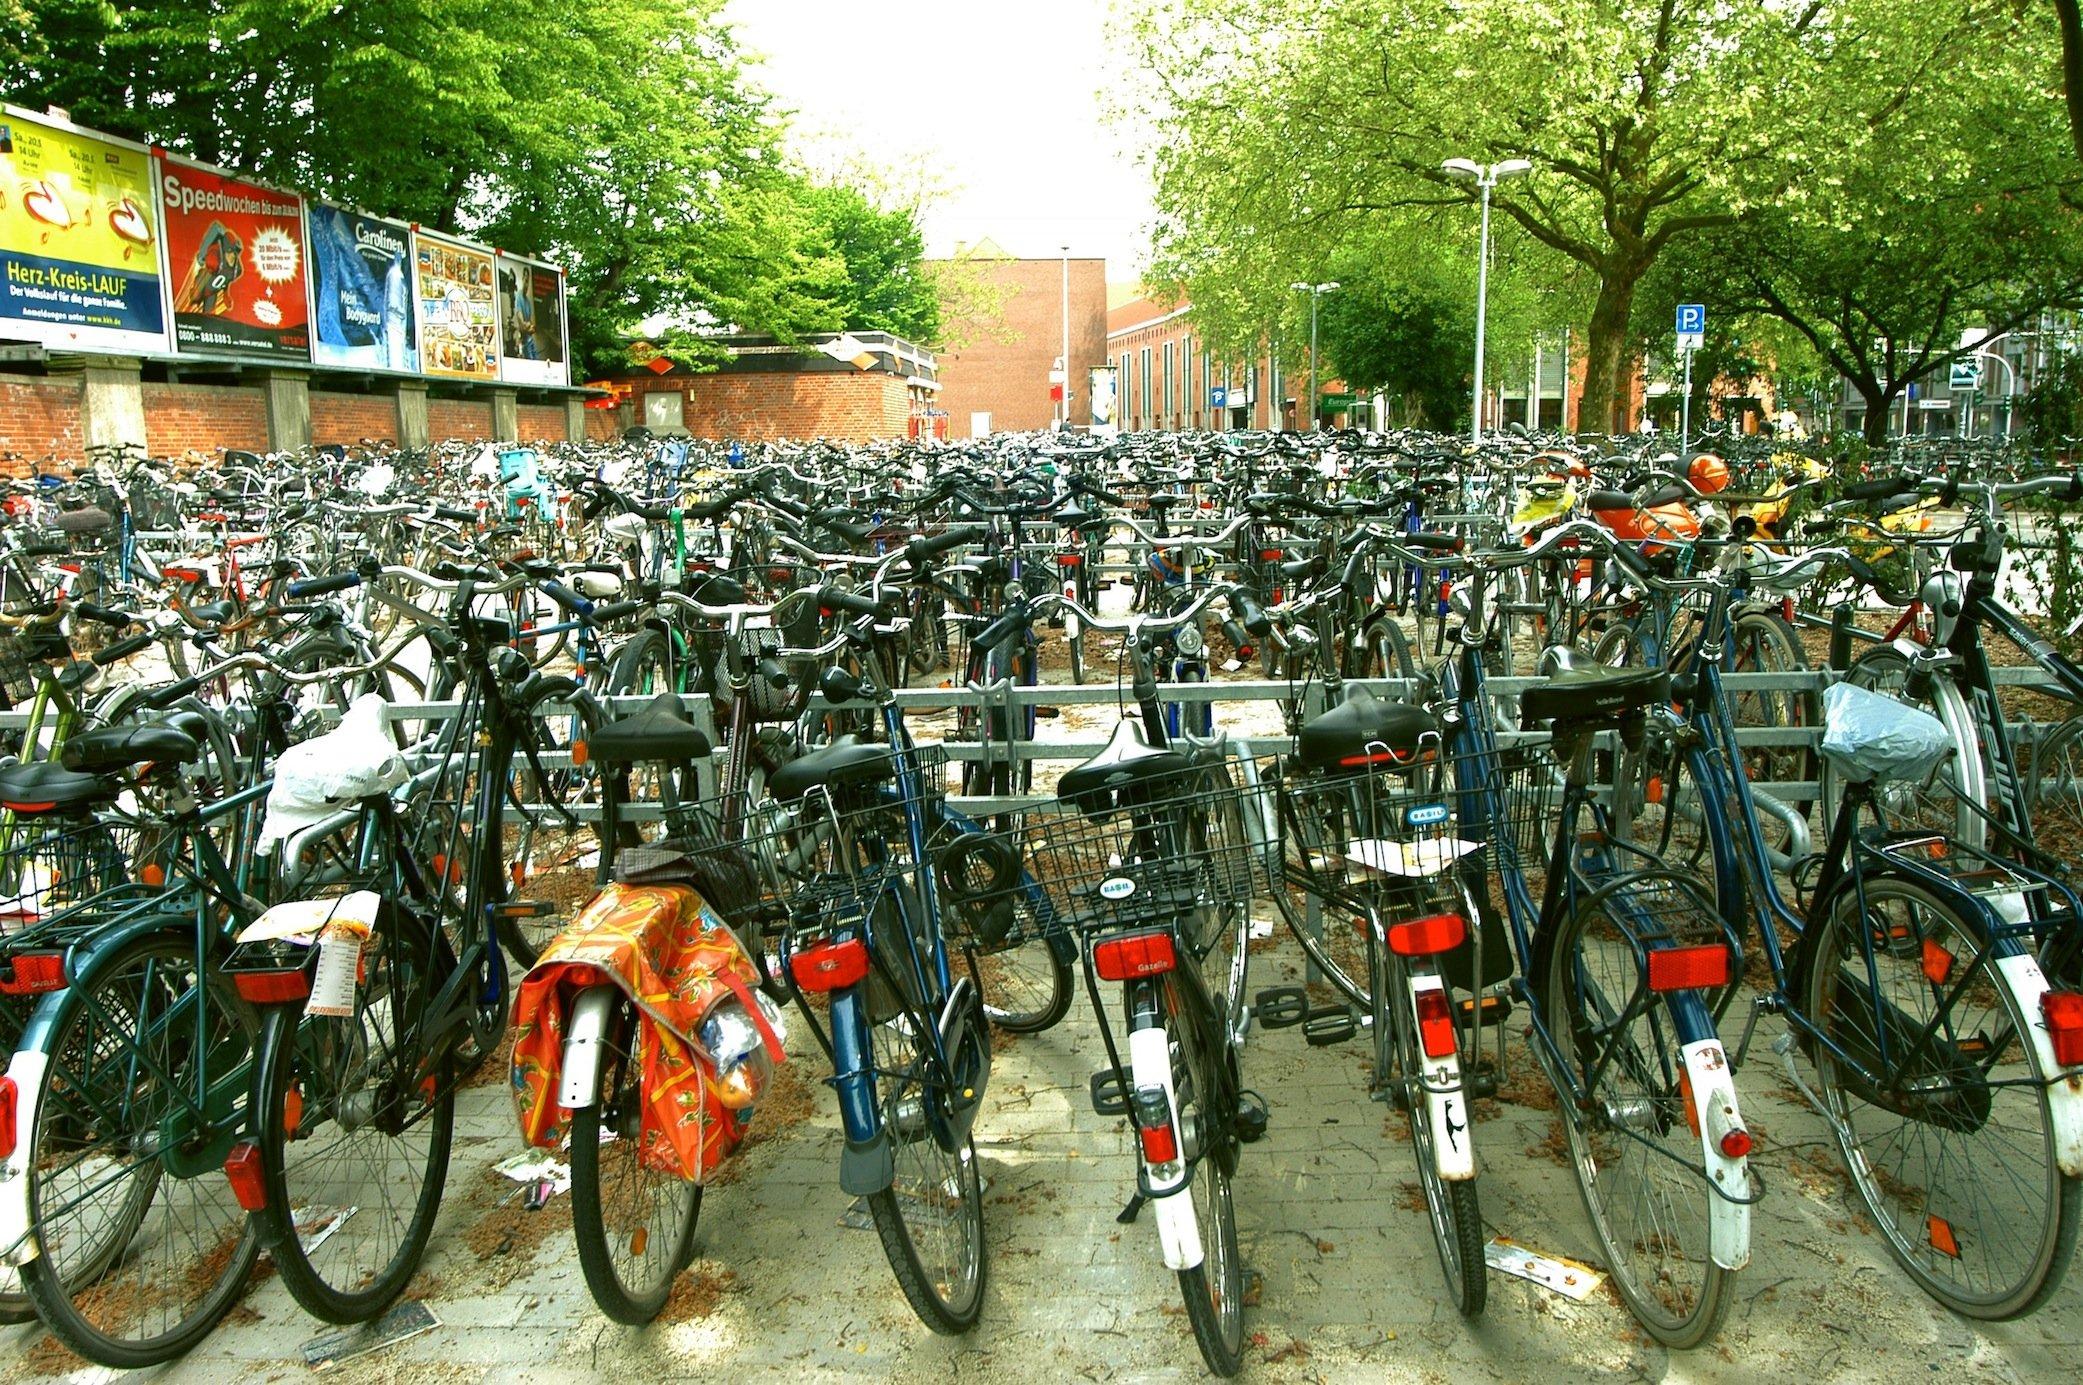 Großer Fahrradparkplatz in Münster: Mit einer smarten Klingel, die ferngesteuert ausgelöst werden kann, will ein ein niederländisches Designbüro das Suchen des eigenen Fahrrades erleichtern.